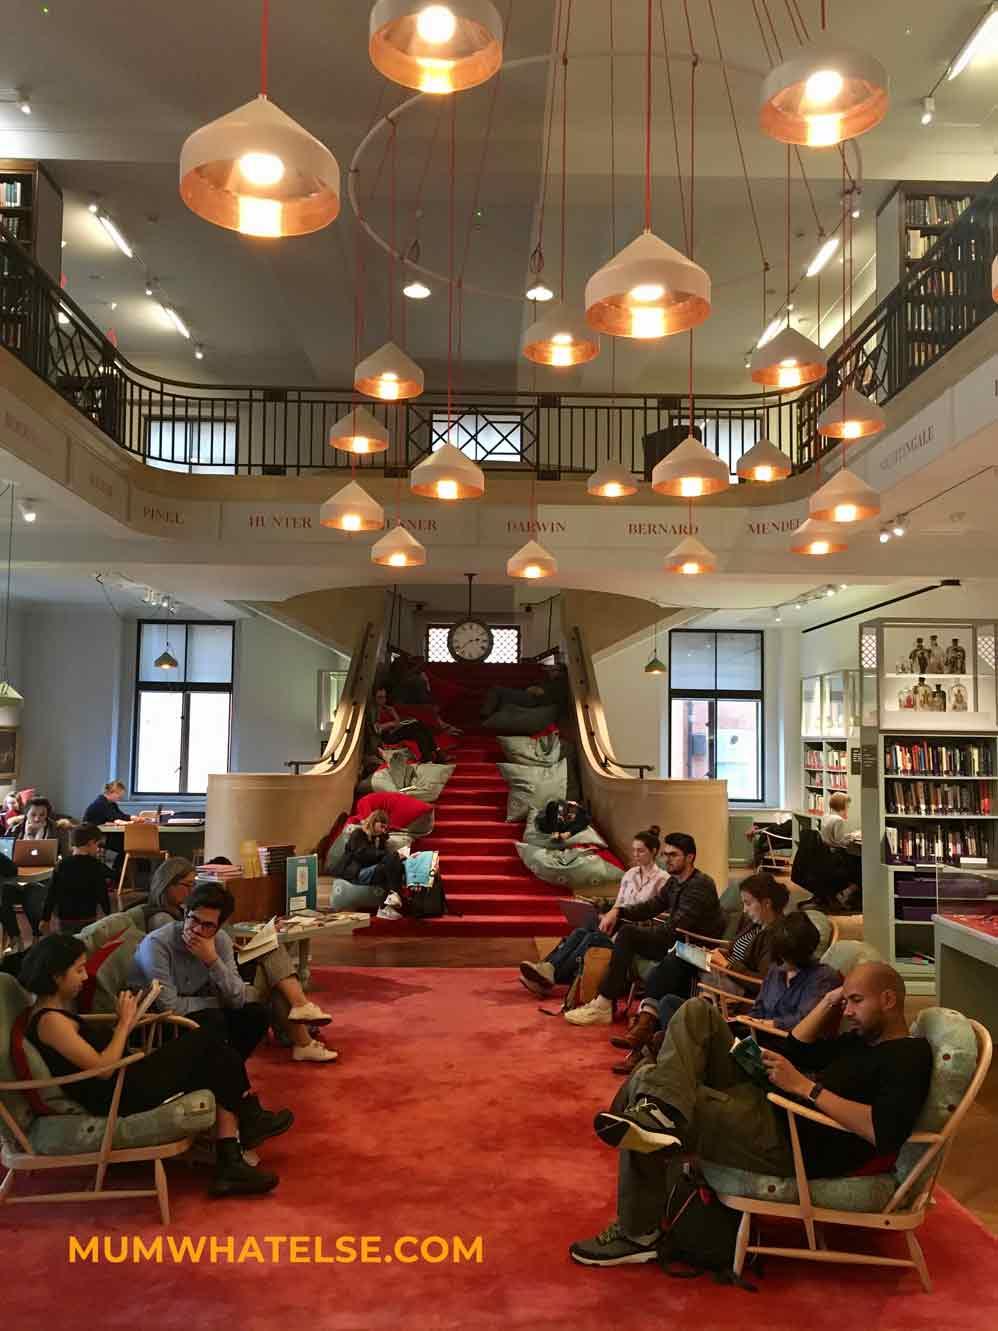 una sala lettura con gente che legge e il pavimento rosso